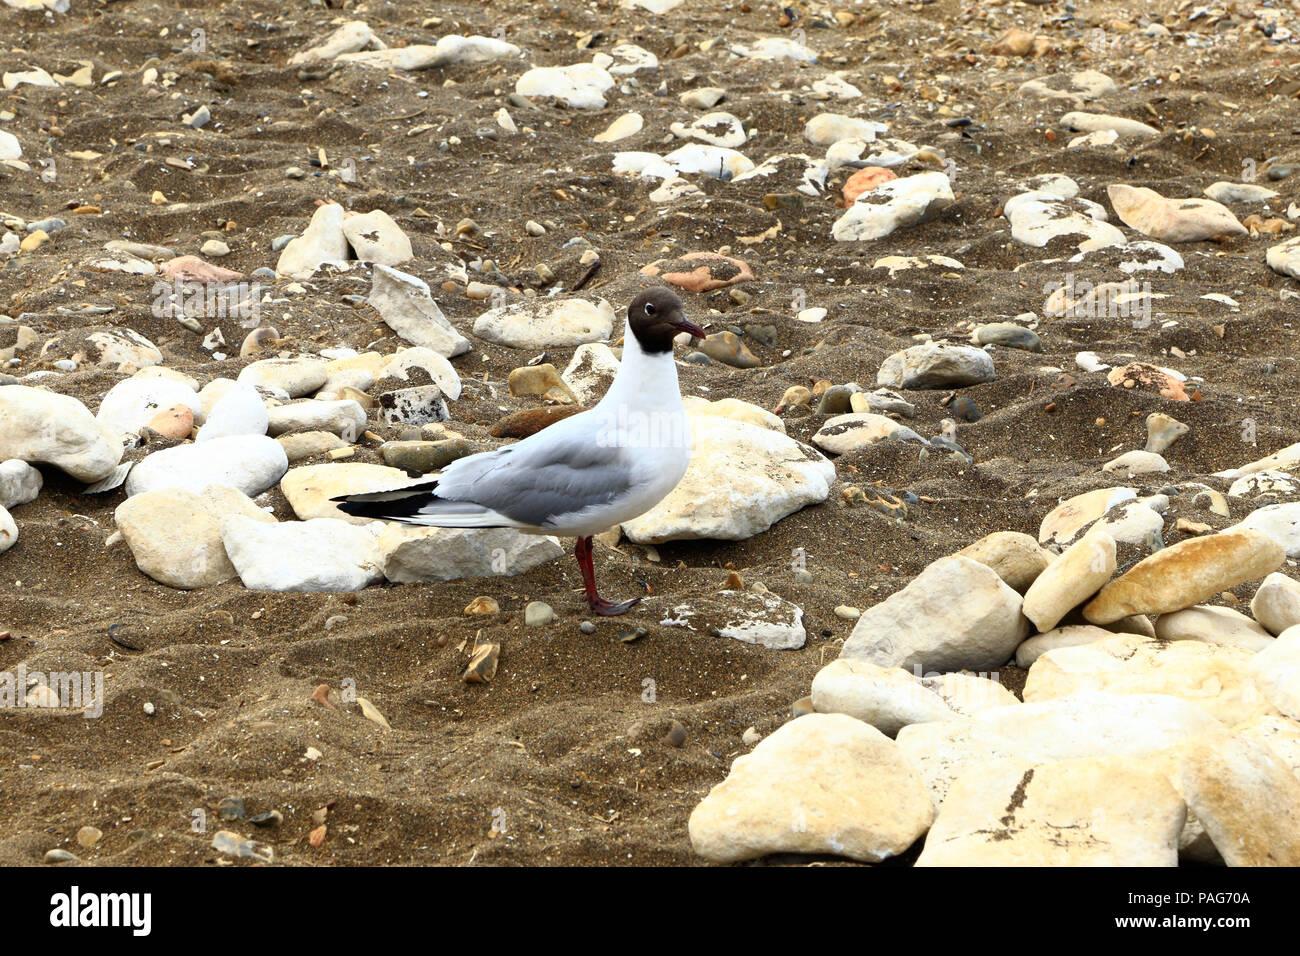 Testa nera Gabbiano, Testa nera, Gabbiano, uccelli di mare, sabbia, ghiaia, spiaggia, England, Regno Unito Immagini Stock